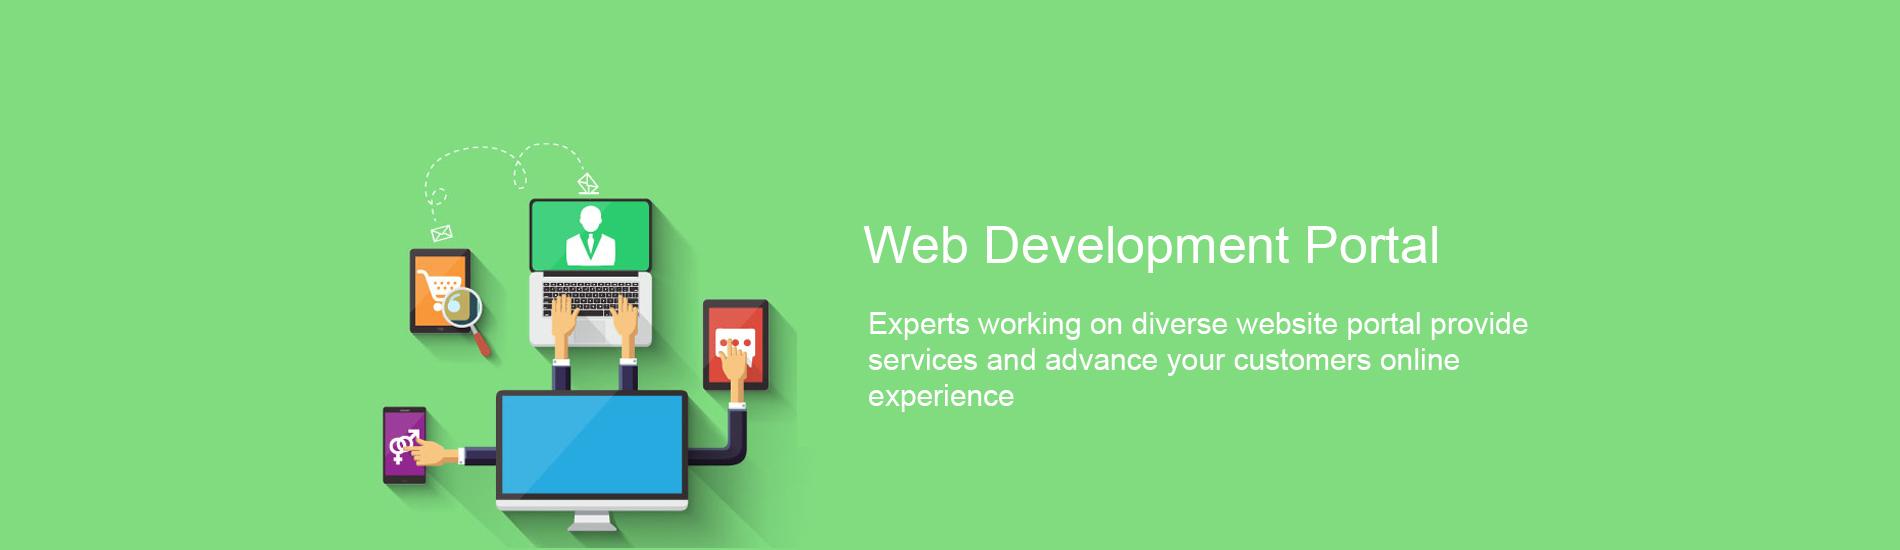 web-development-portal